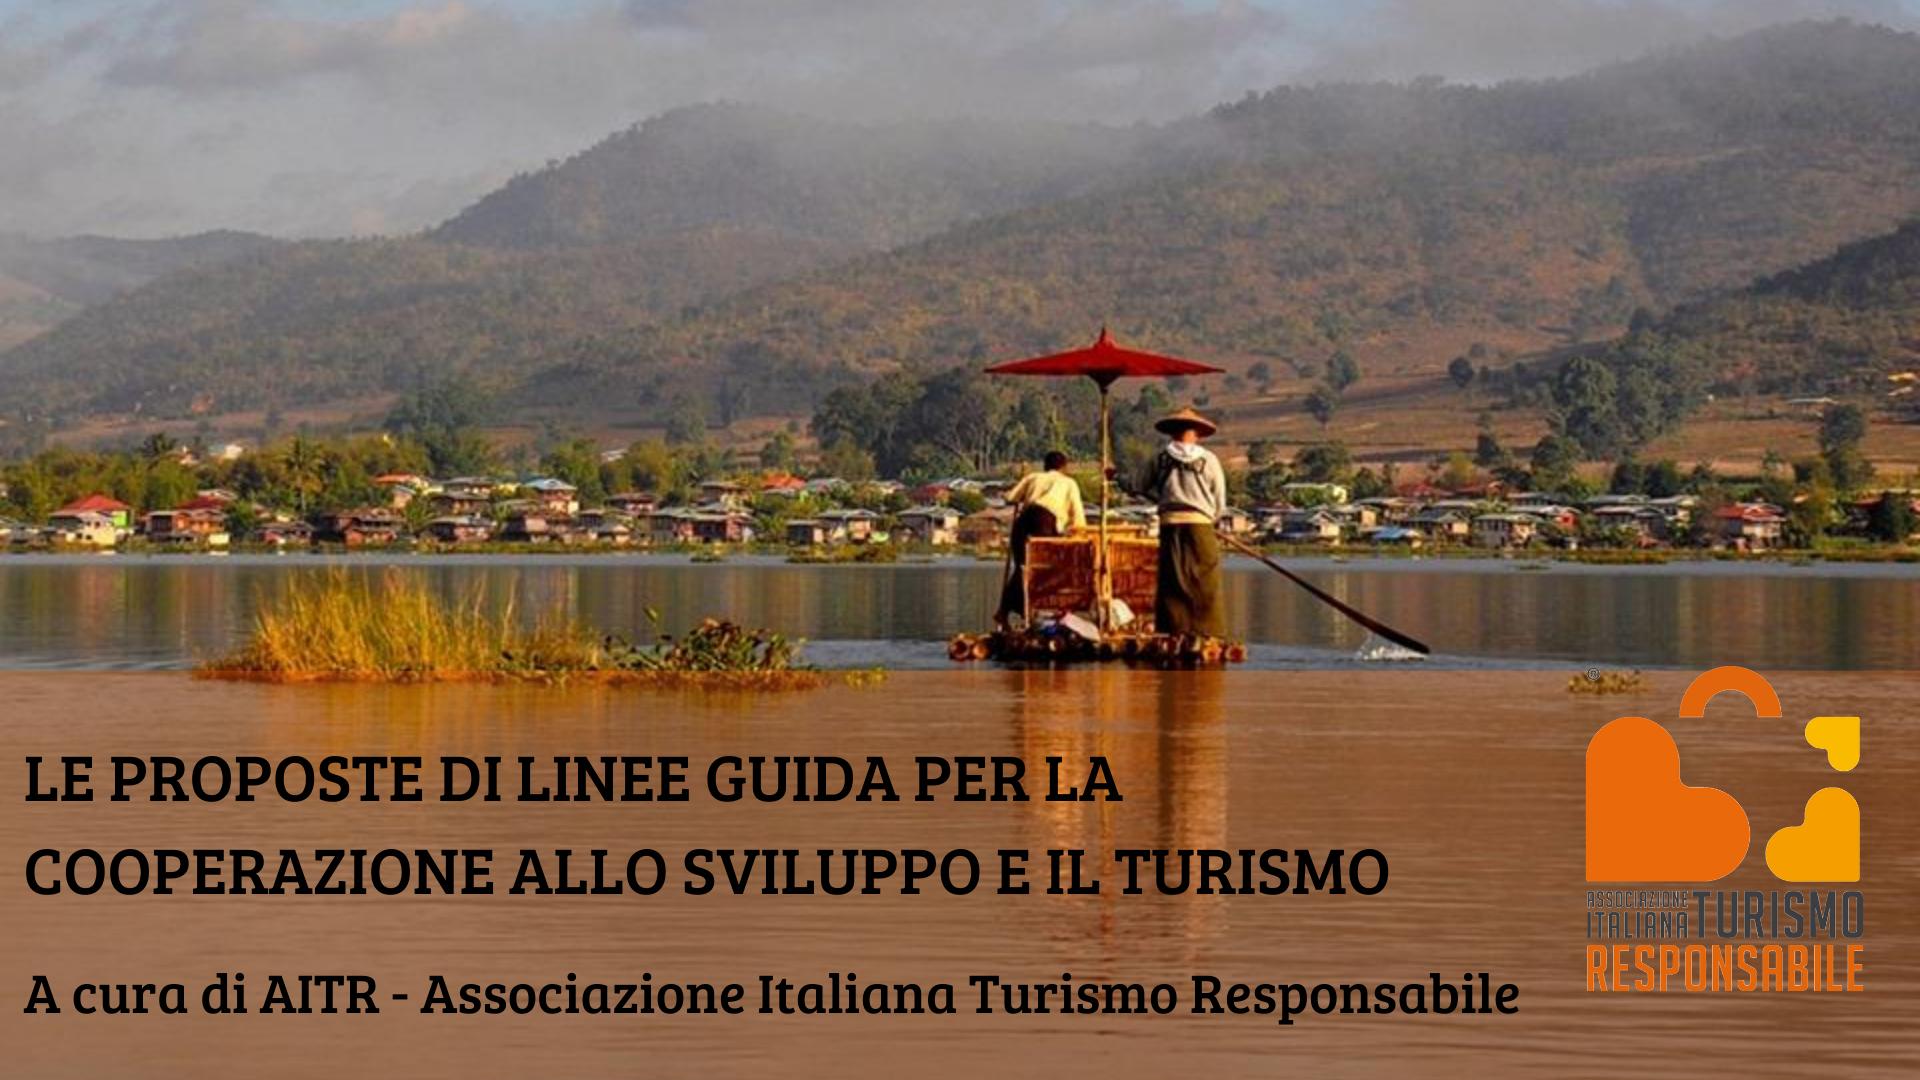 Proposte di linee guida per la Coooperazione allo sviluppo e il turismo